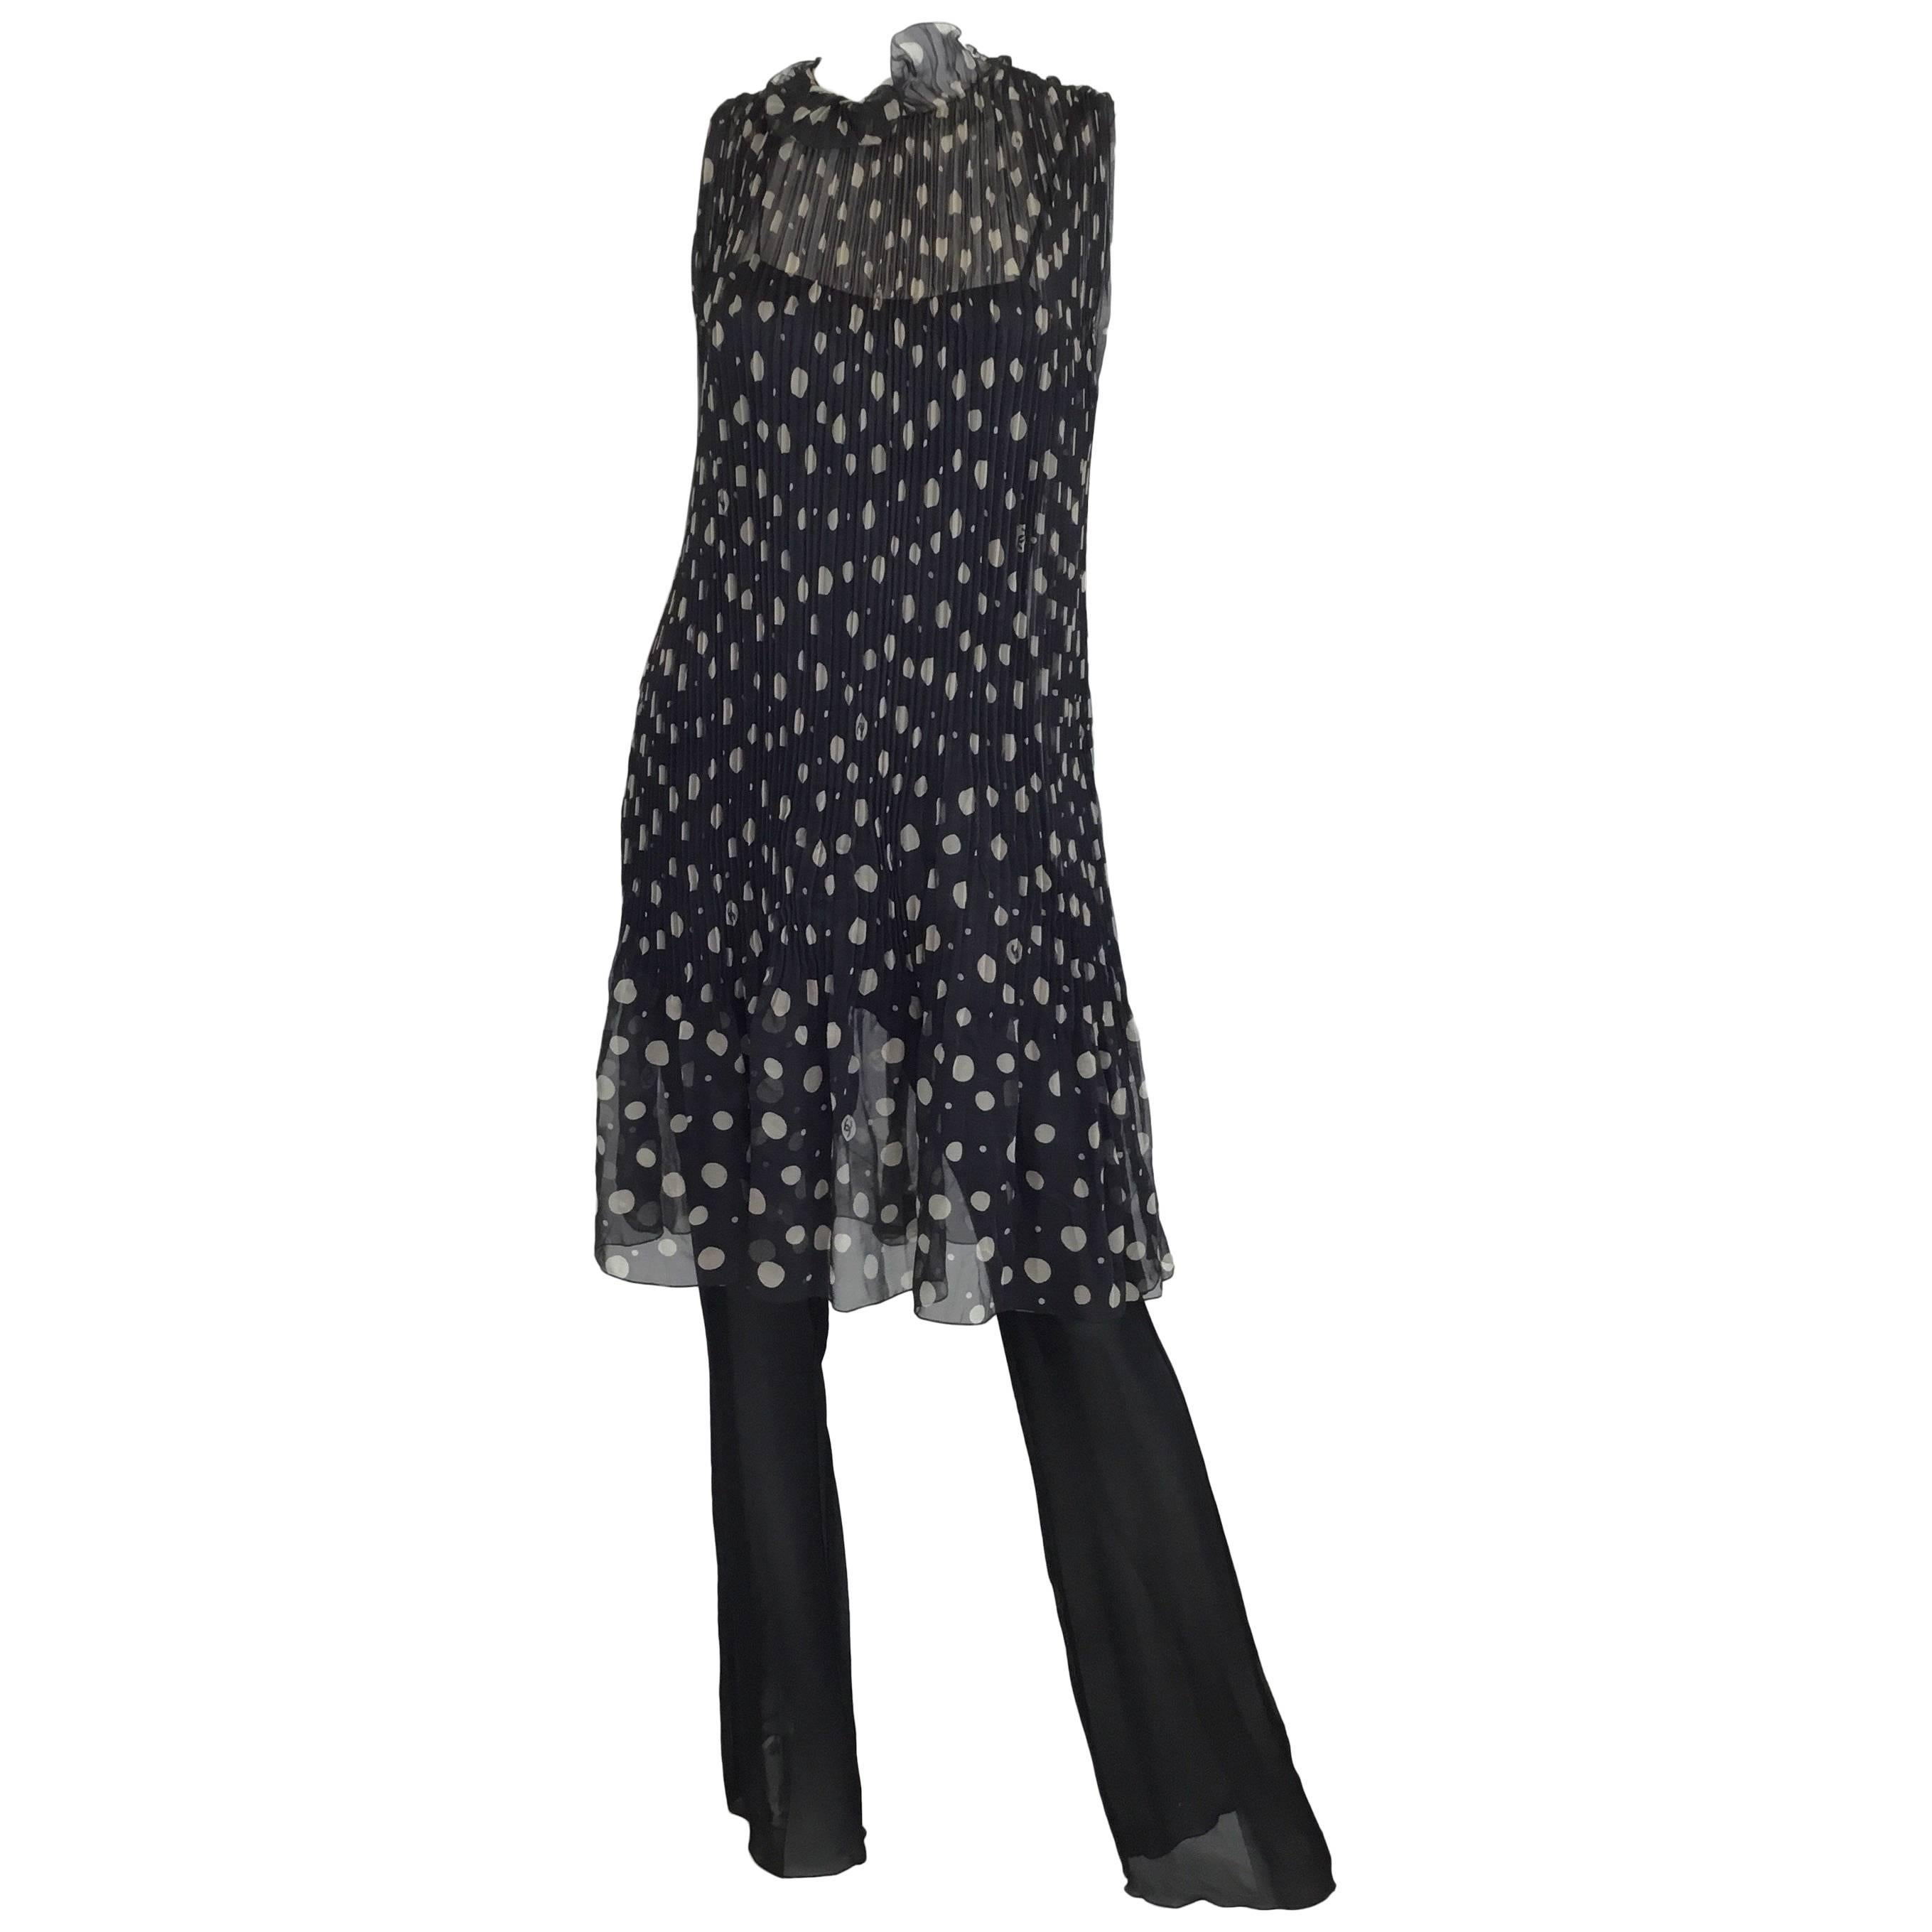 Chanel Chiffon Polka Dot Dress and Jumpsuit, 2000